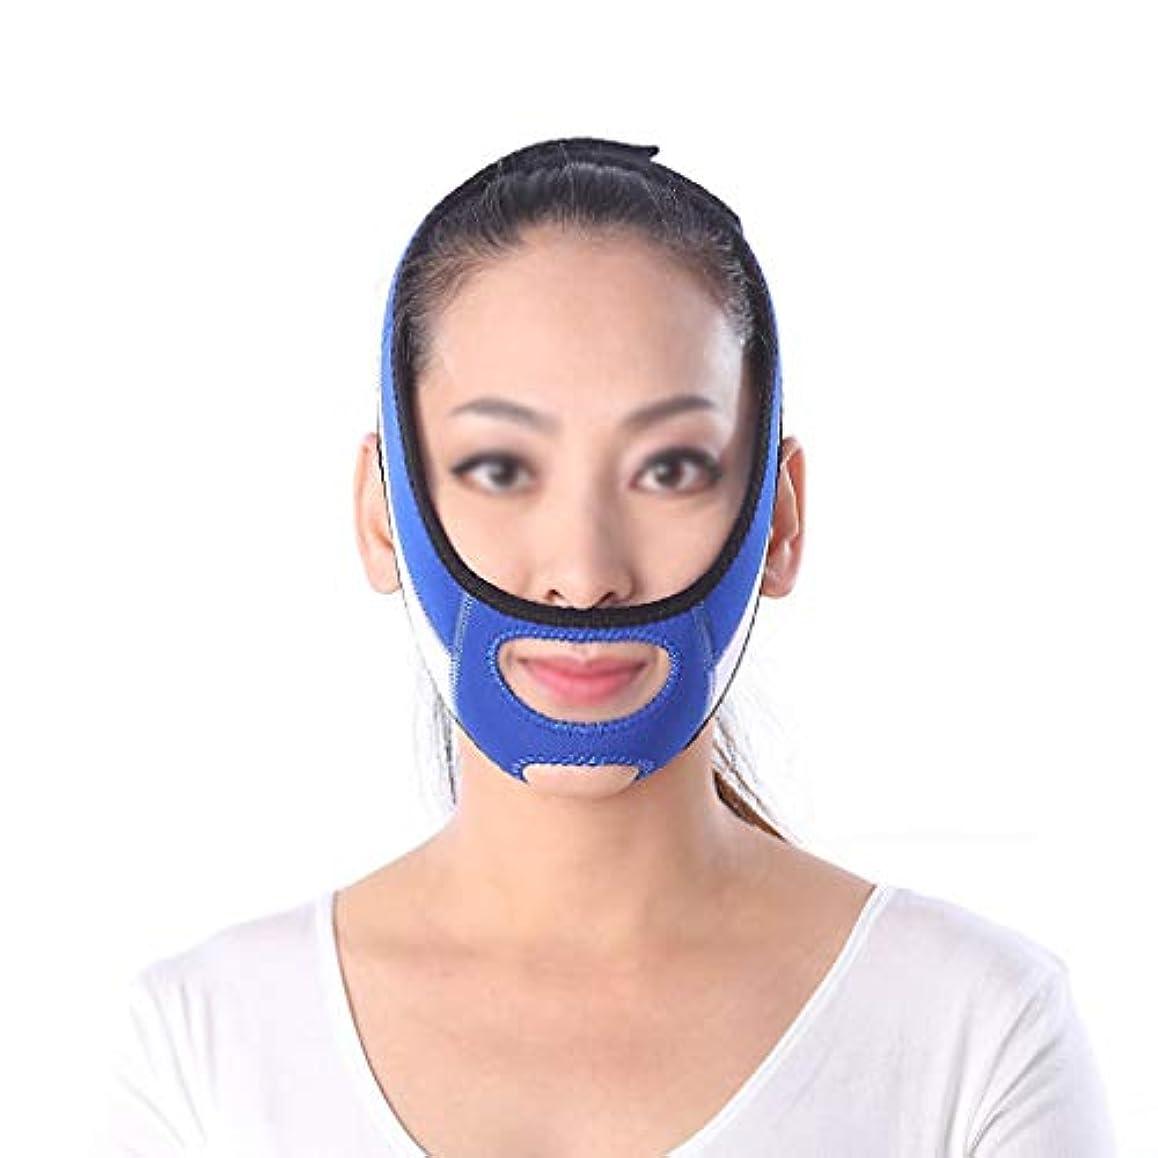 ライタースタック混合したフェイスリフティング包帯、フェイスリフティングマスク、フェイスリフティング器具、二重あごケア減量、フェイシャルリフティングストラップ(フリーサイズ、ブルー)